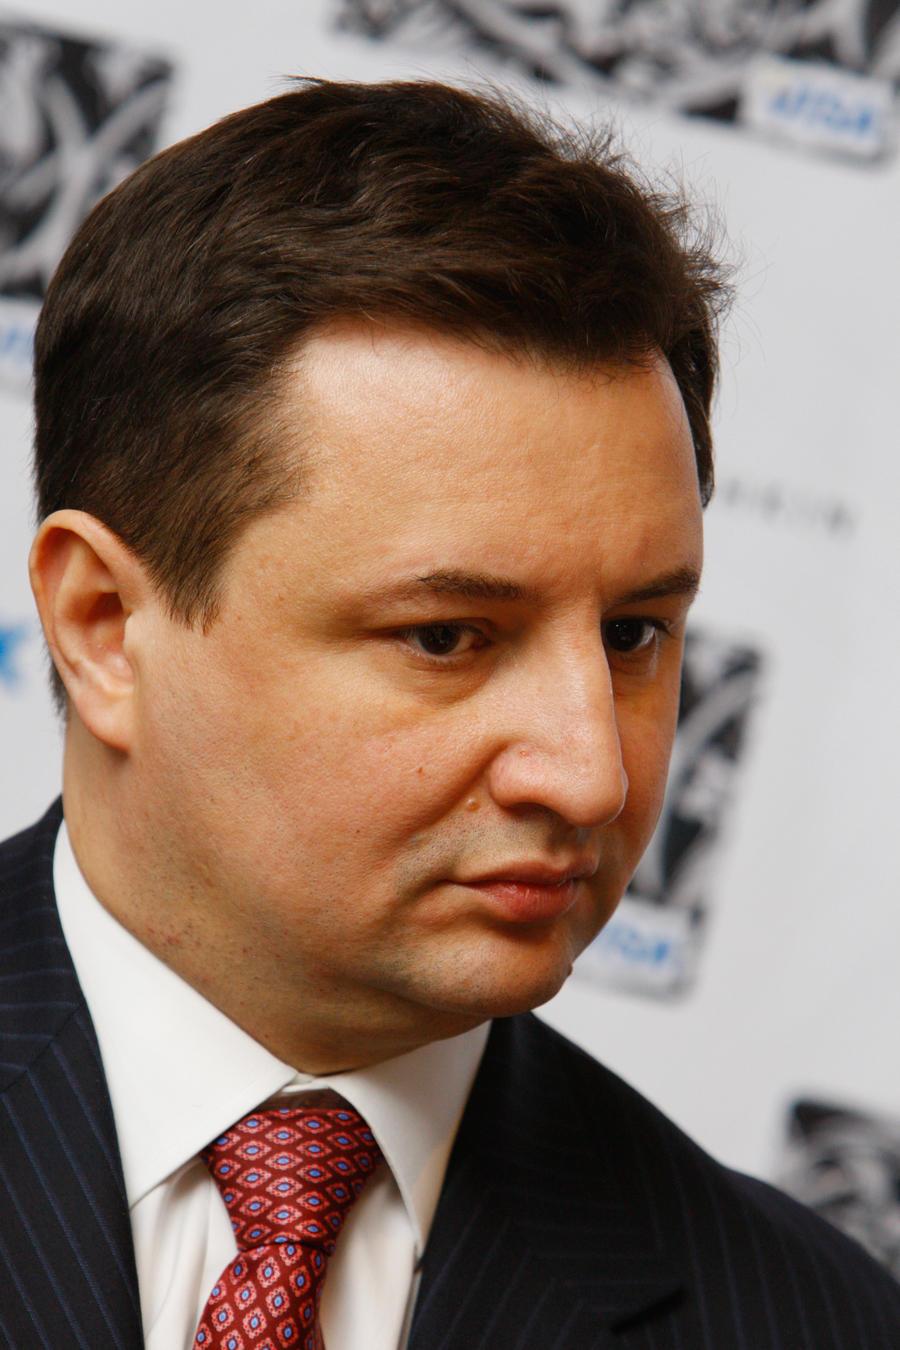 Следственный комитет предъявил обвинение председателю правления и старшему вице-президенту «Росбанка»